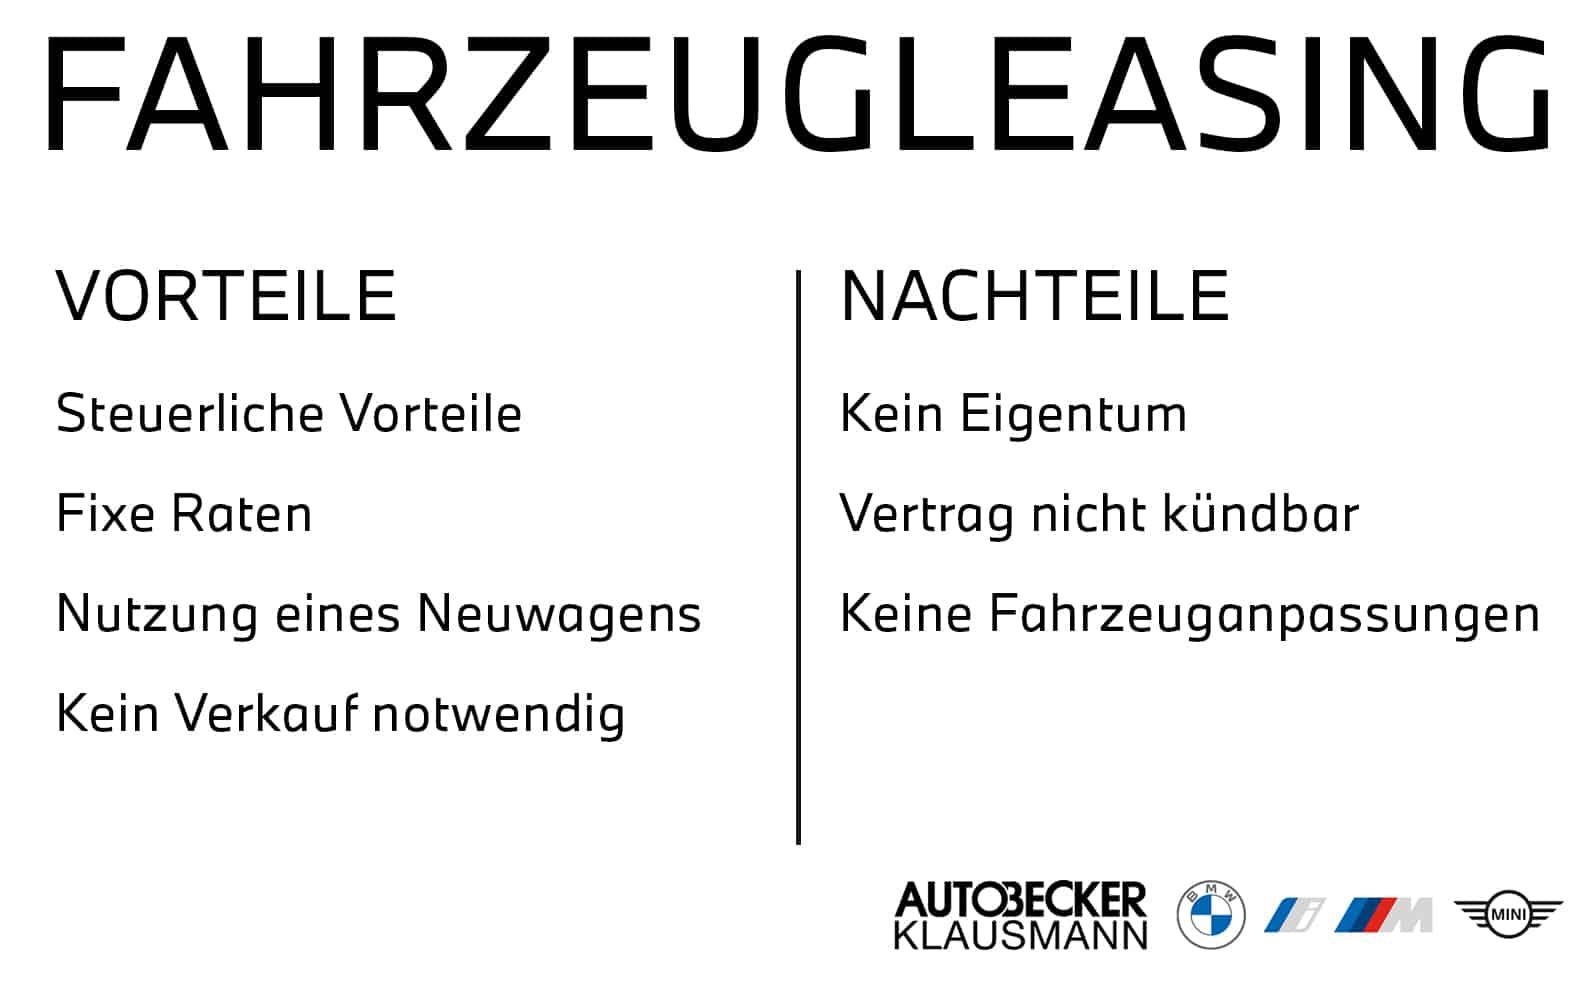 Vor- und Nachteile Fahrzeug Leasing